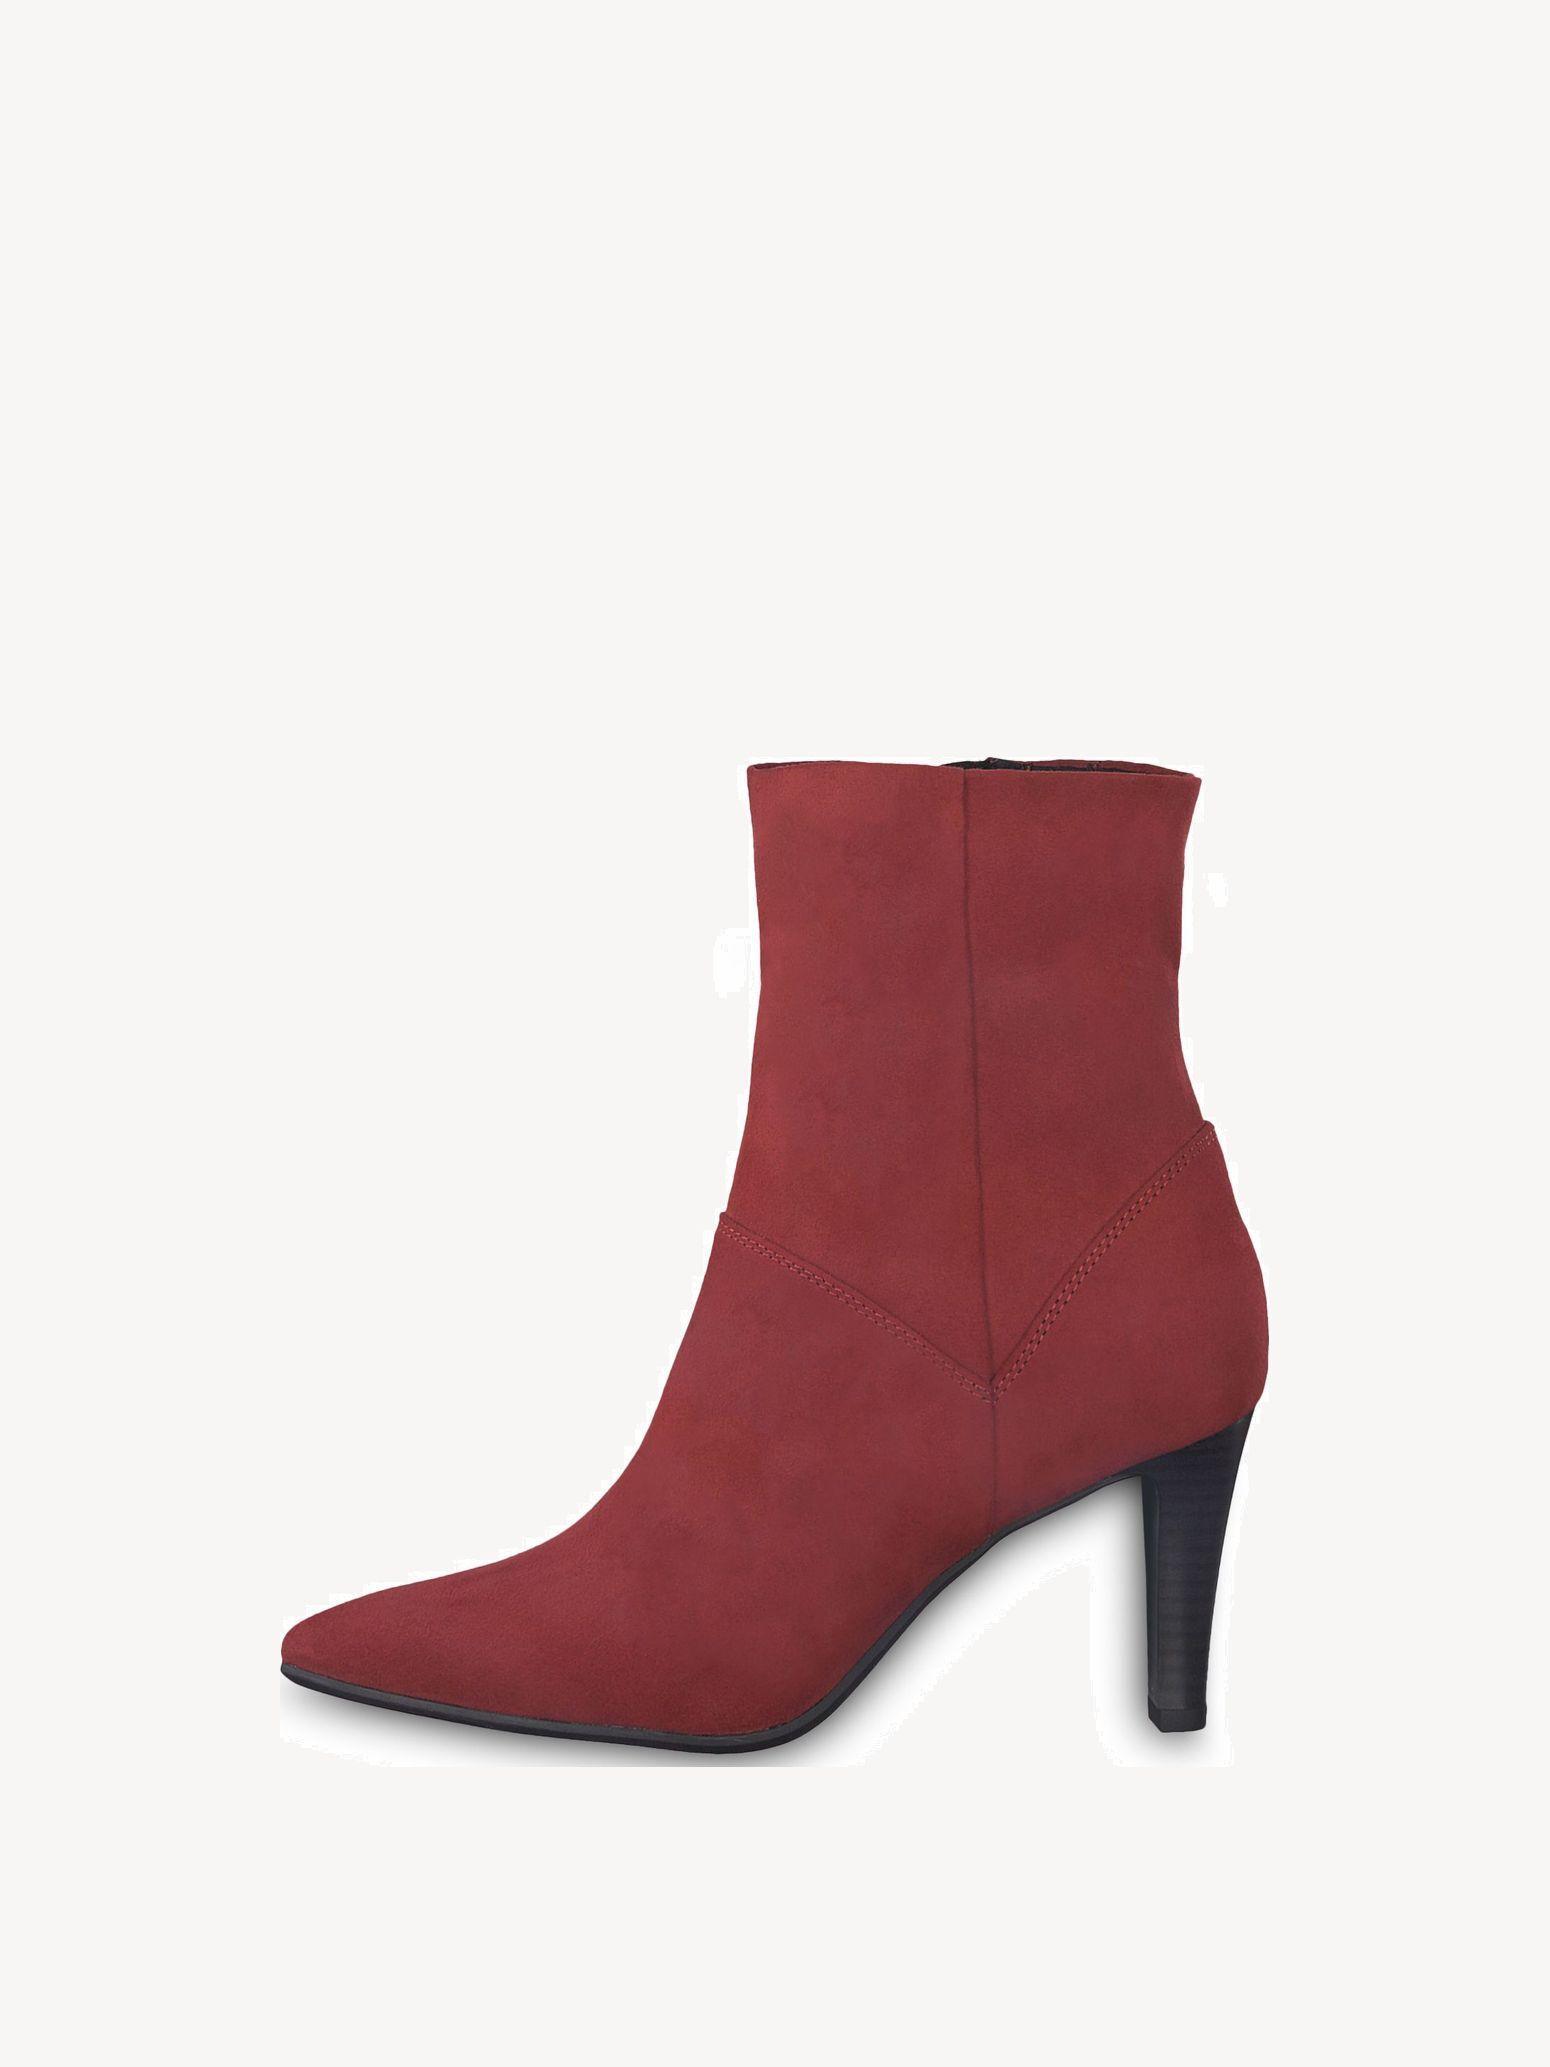 Verkauf letzter Rabatt neues Design tamaris stiefel high